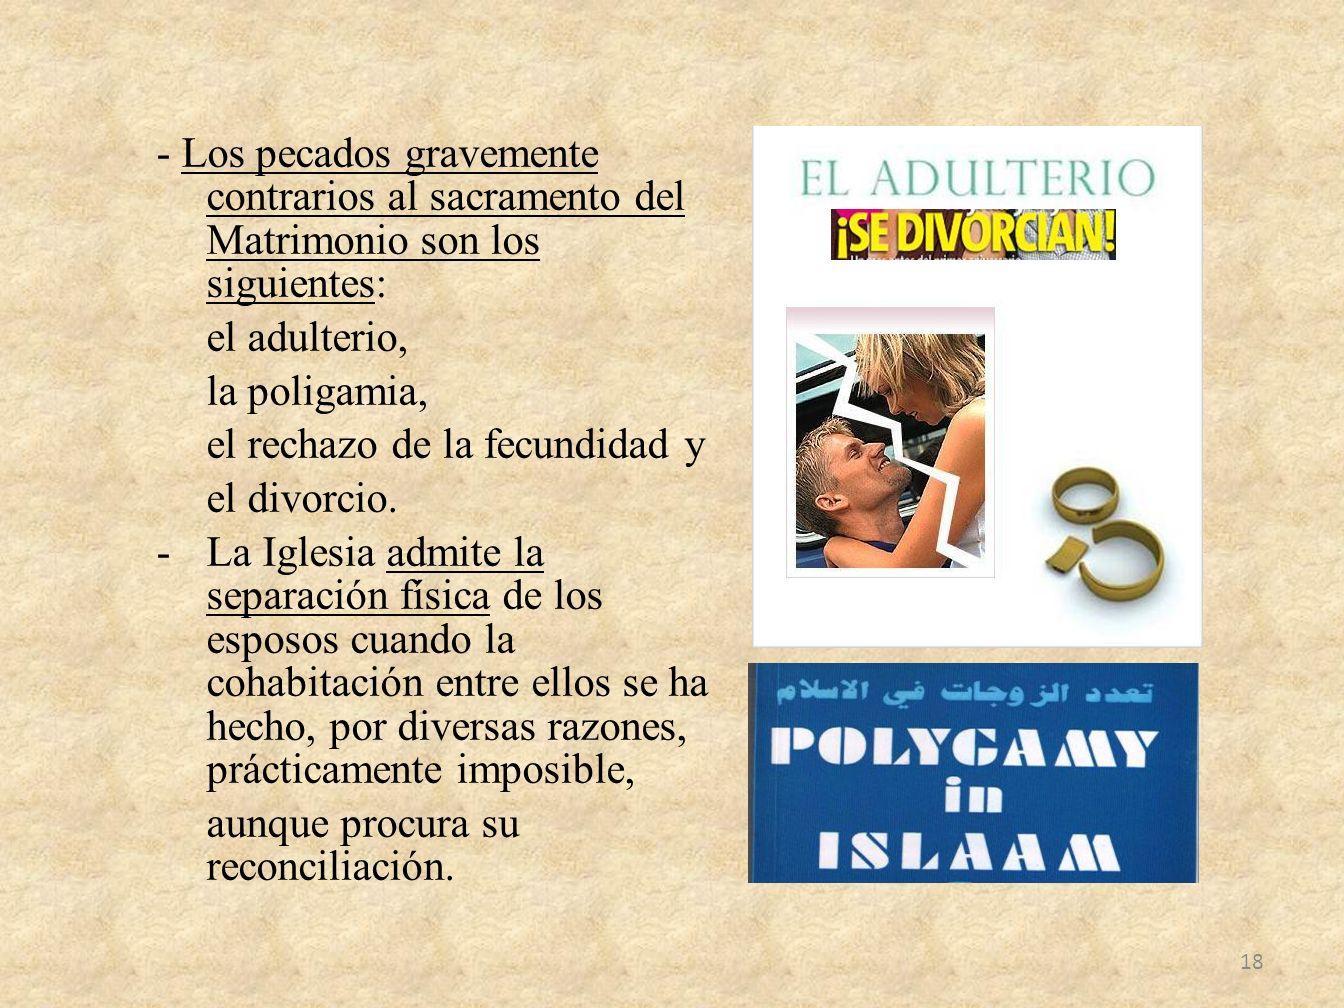 - Los pecados gravemente contrarios al sacramento del Matrimonio son los siguientes: el adulterio, la poligamia, el rechazo de la fecundidad y el divo